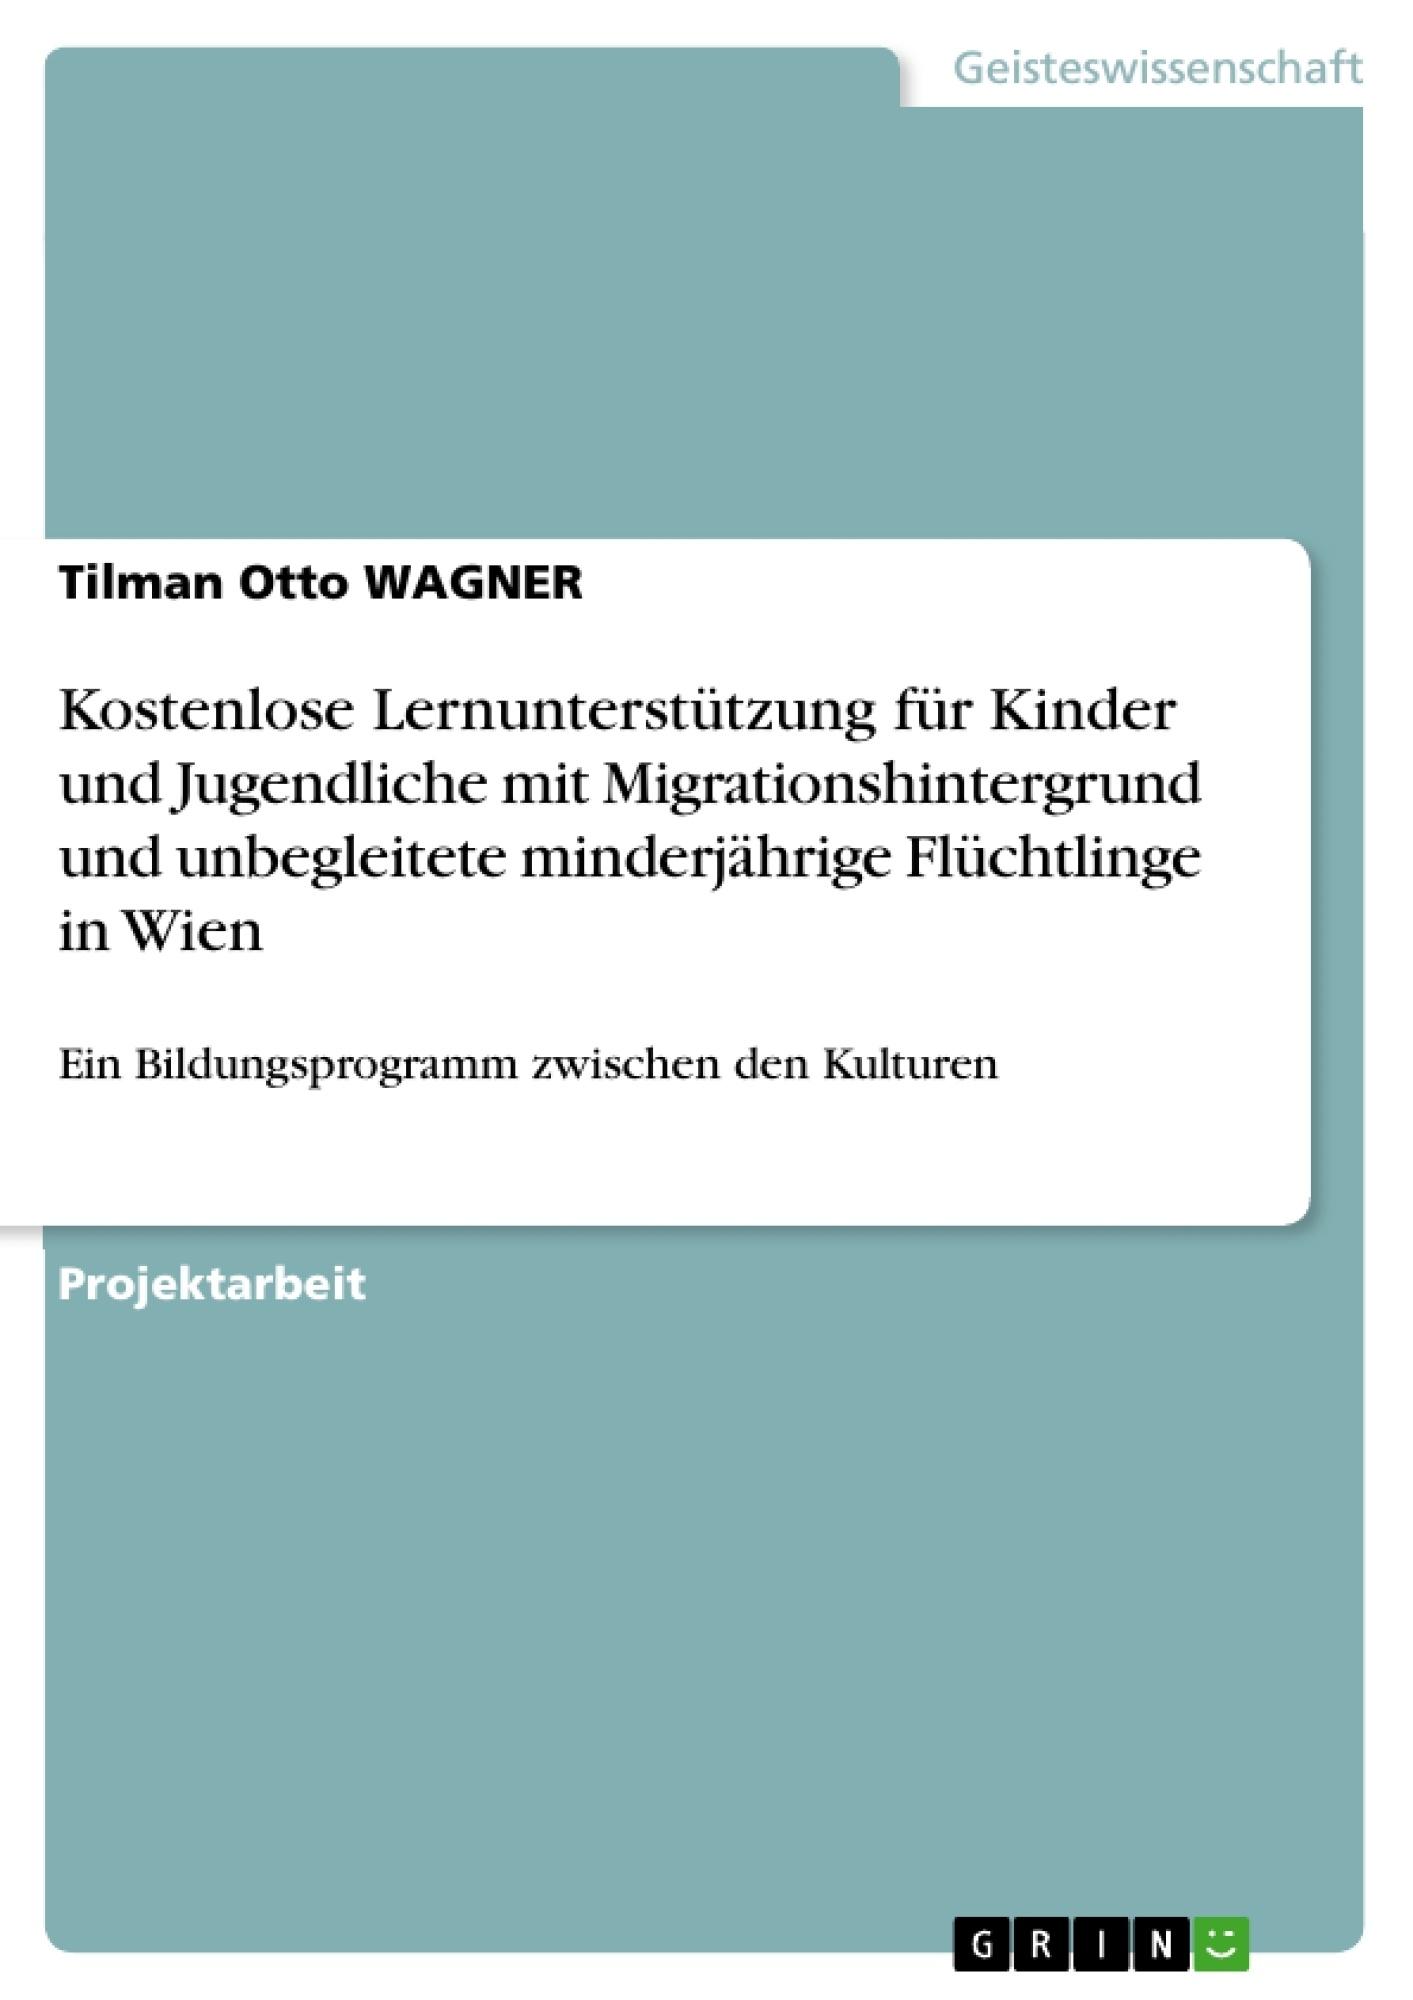 Titel: Kostenlose Lernunterstützung für Kinder und Jugendliche mit Migrationshintergrund und unbegleitete minderjährige Flüchtlinge in Wien